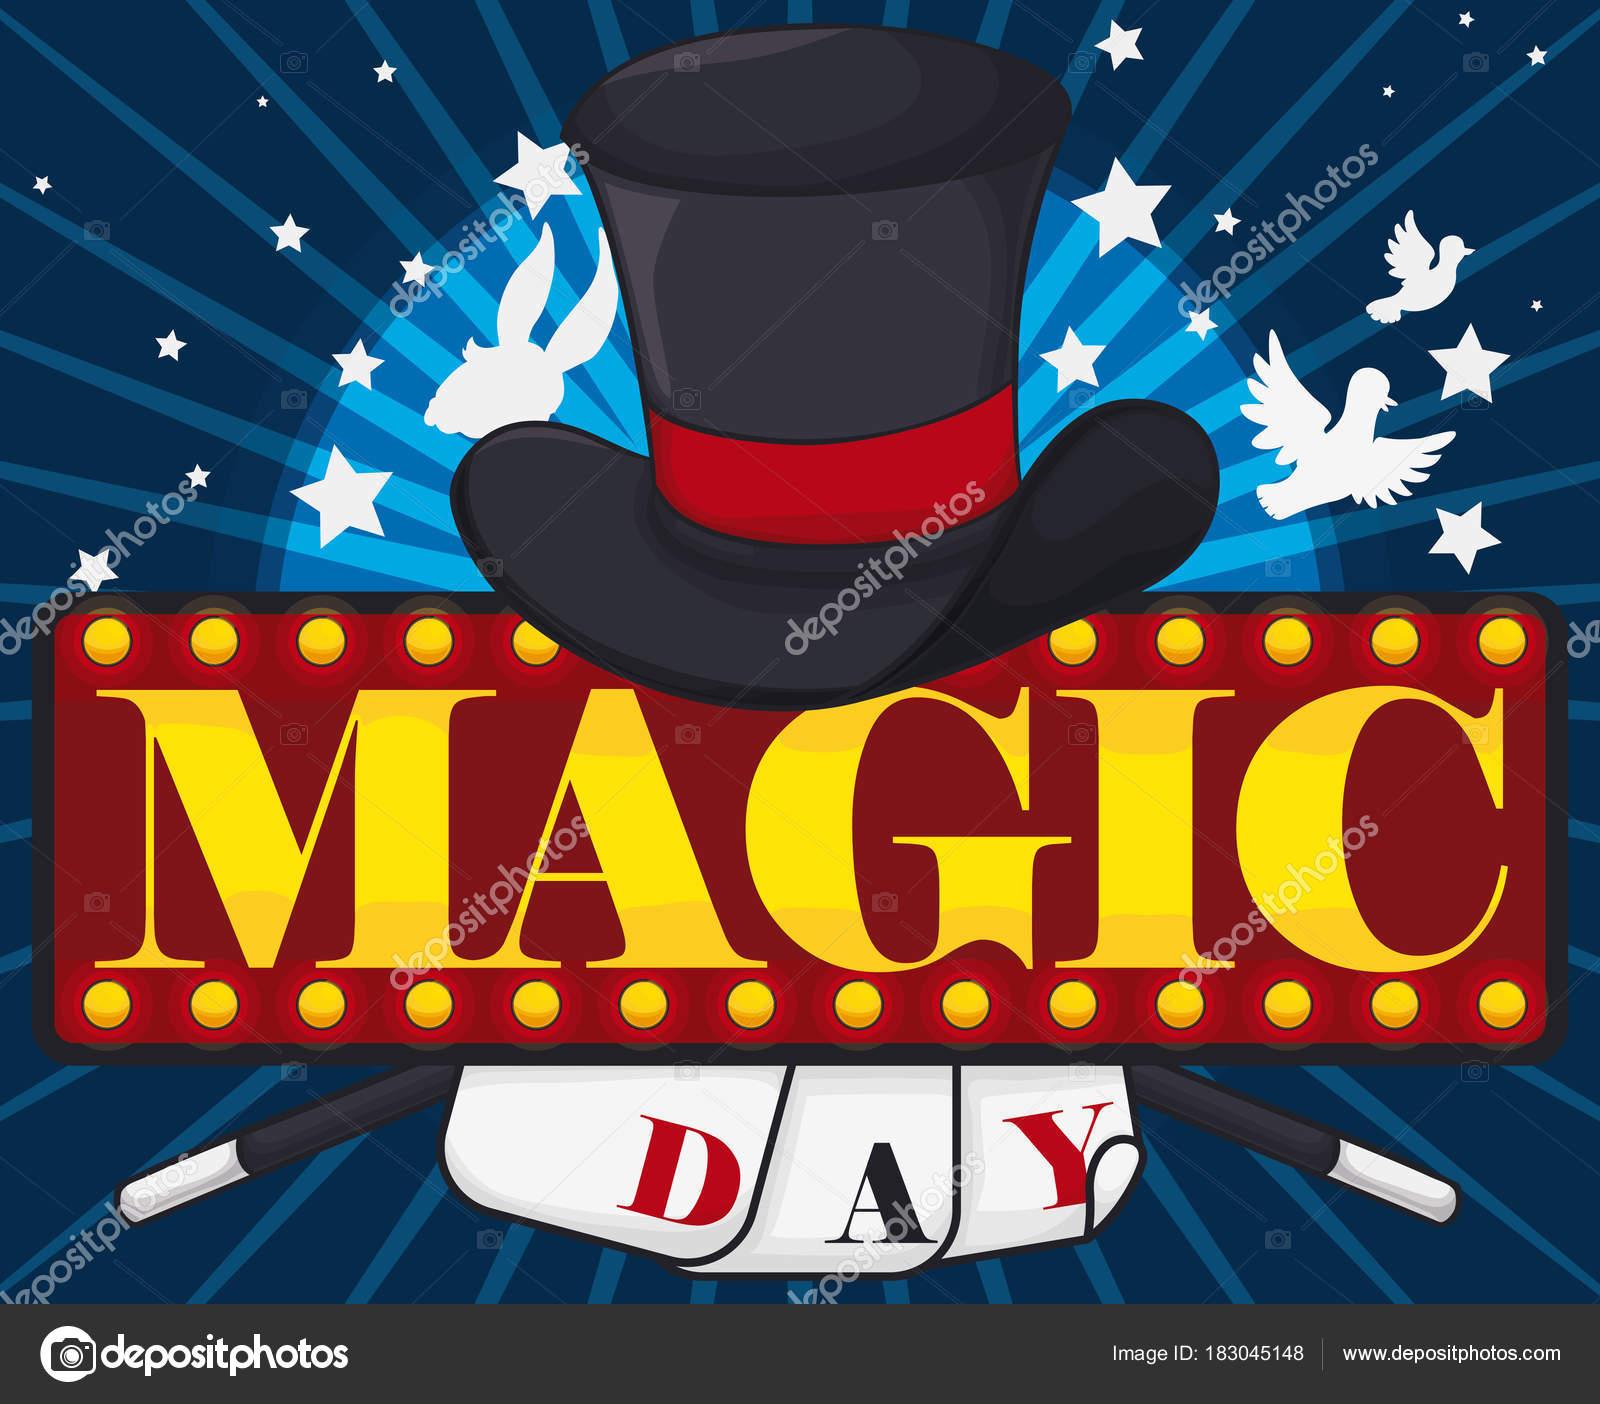 Cartel anunciando el día de la magia con un sombrero de mago 4cc55e5cca1